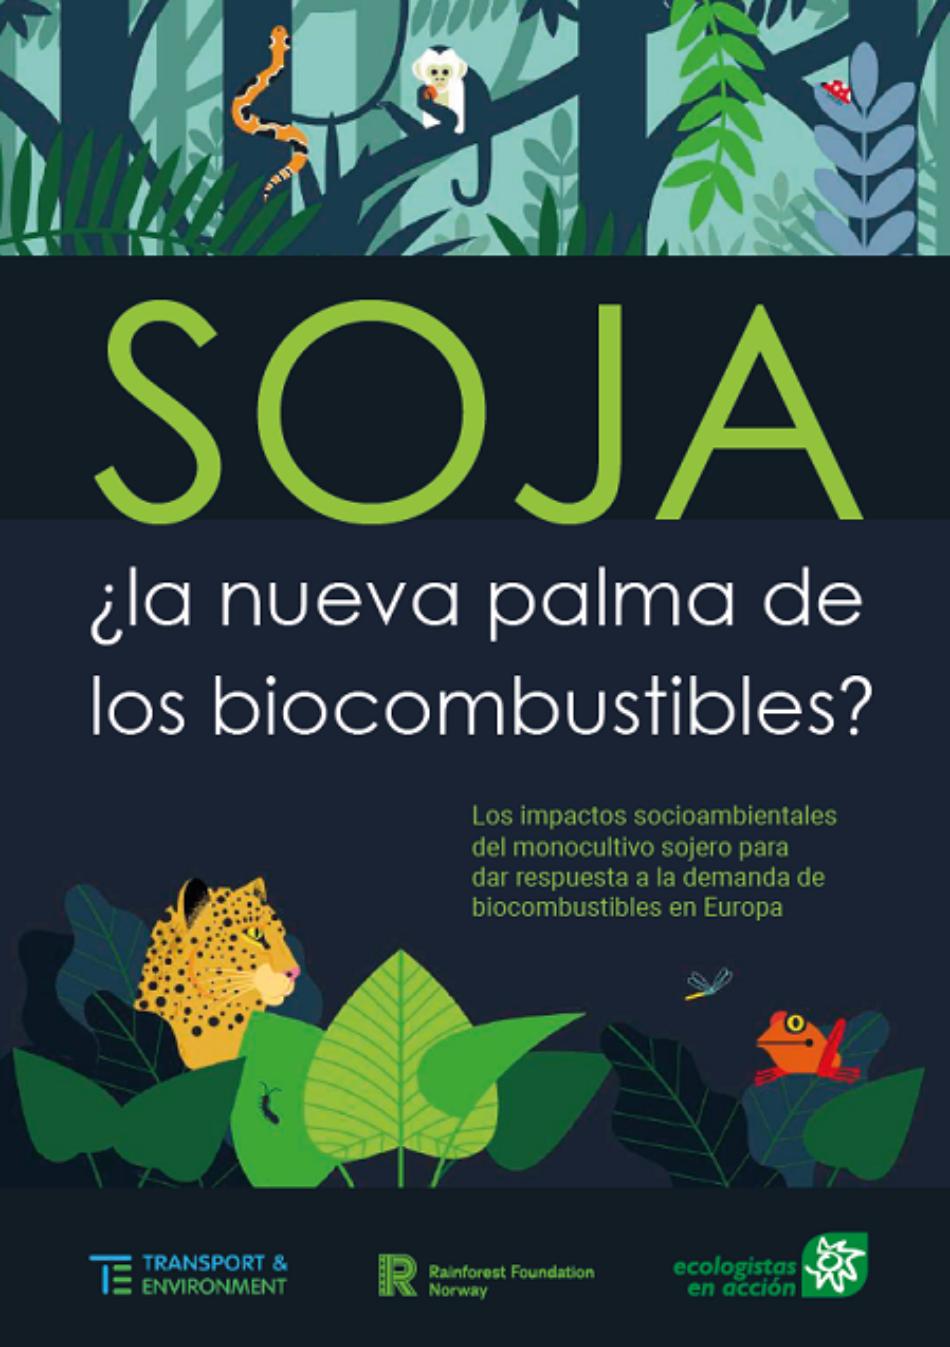 El biodiésel de soja, en auge tras la prohibición de la palma, provoca graves impactos socioambientales